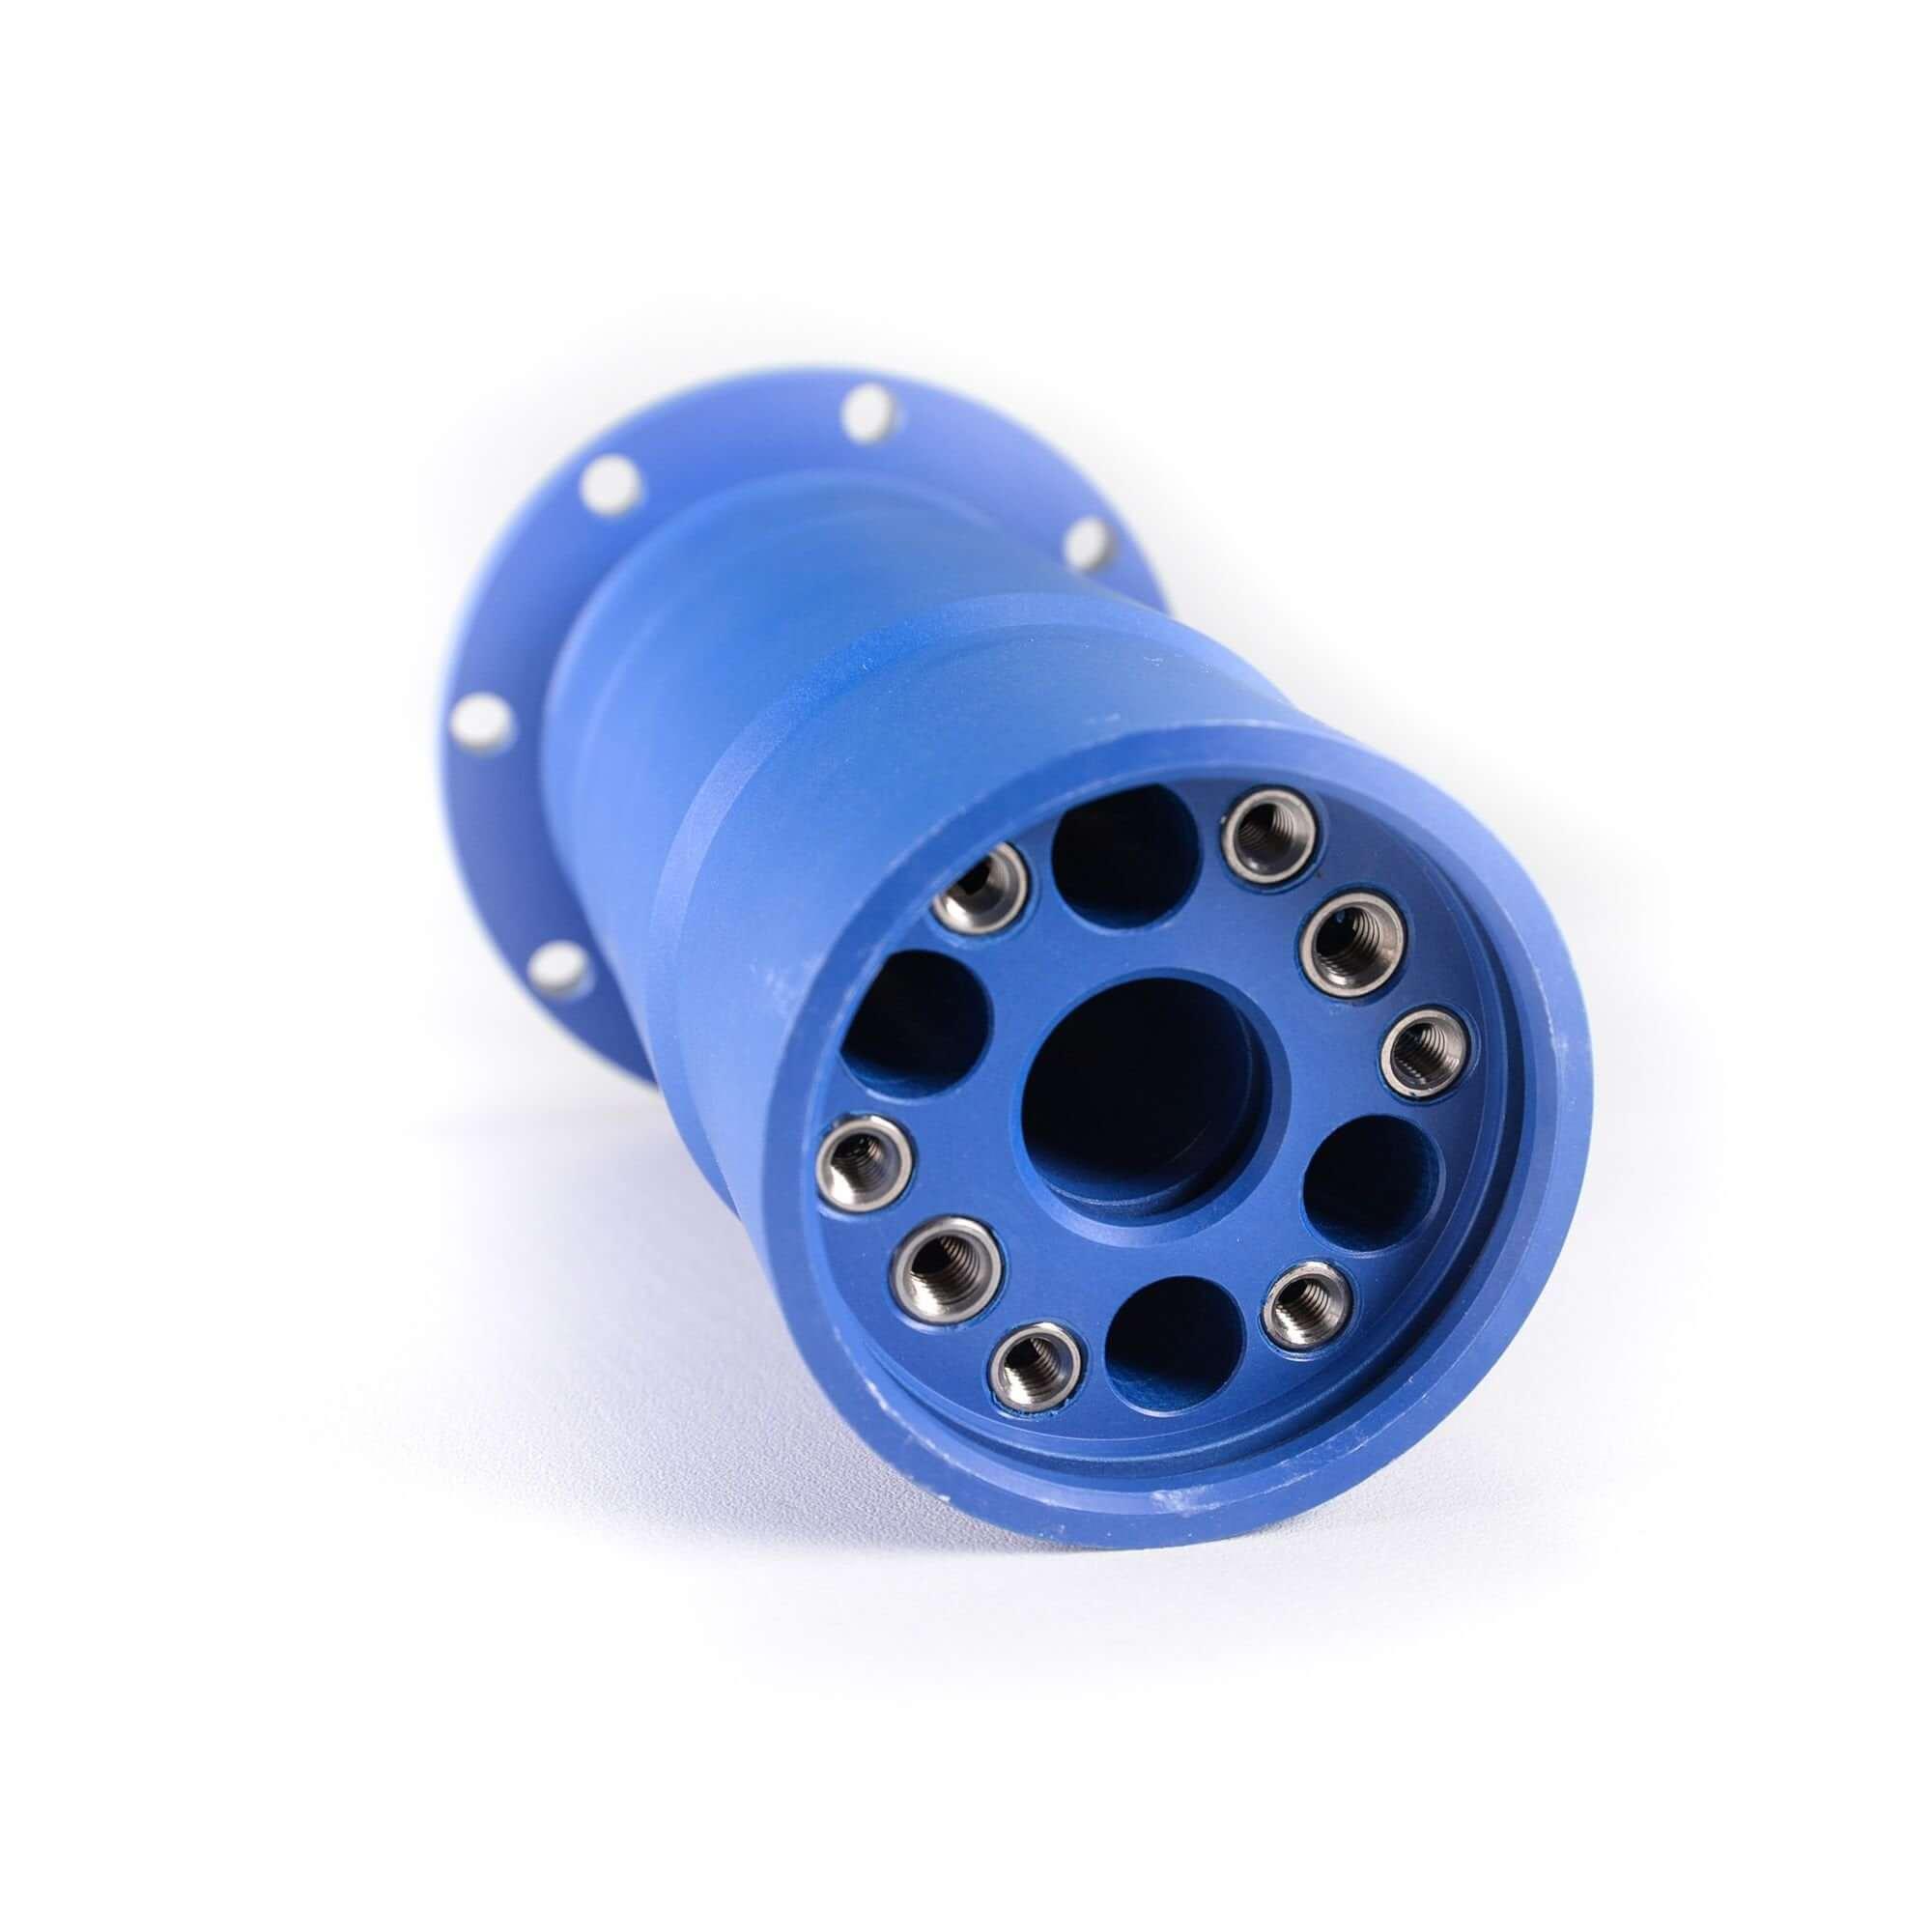 Acryline Stator d'eau de PPS pièces techniques tourné PPS technique cnc stator partie rotative